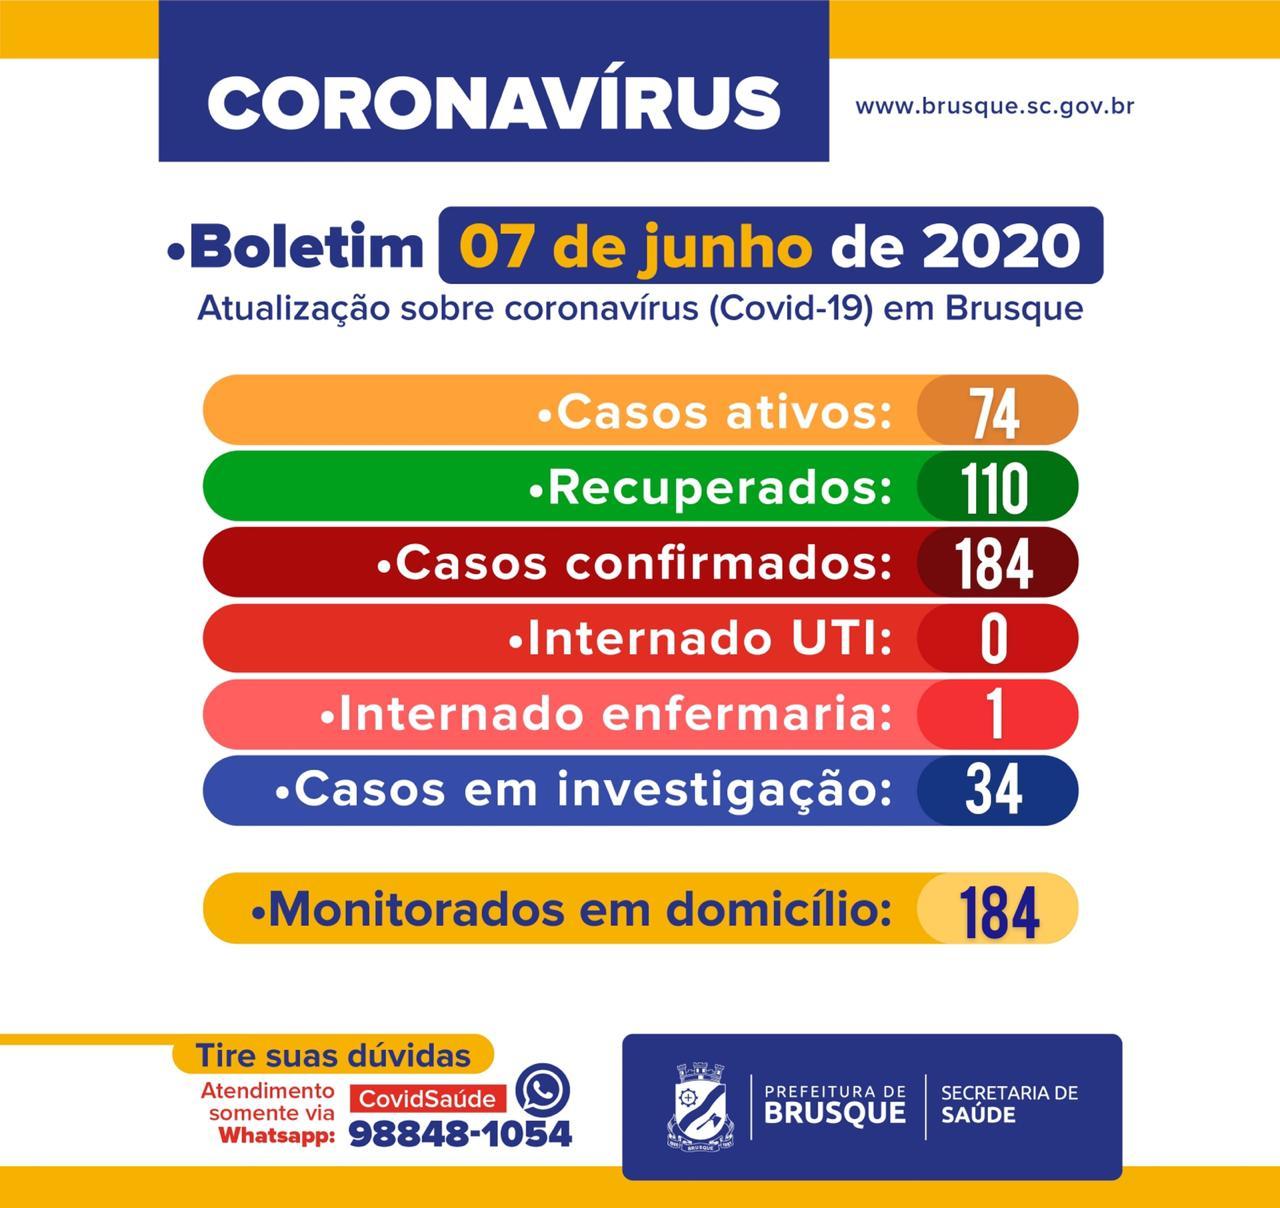 Brusque registra 74 casos ativos da COVID-19. Número de recuperados é de 110, segundo Boletim divulgado neste domingo (7)